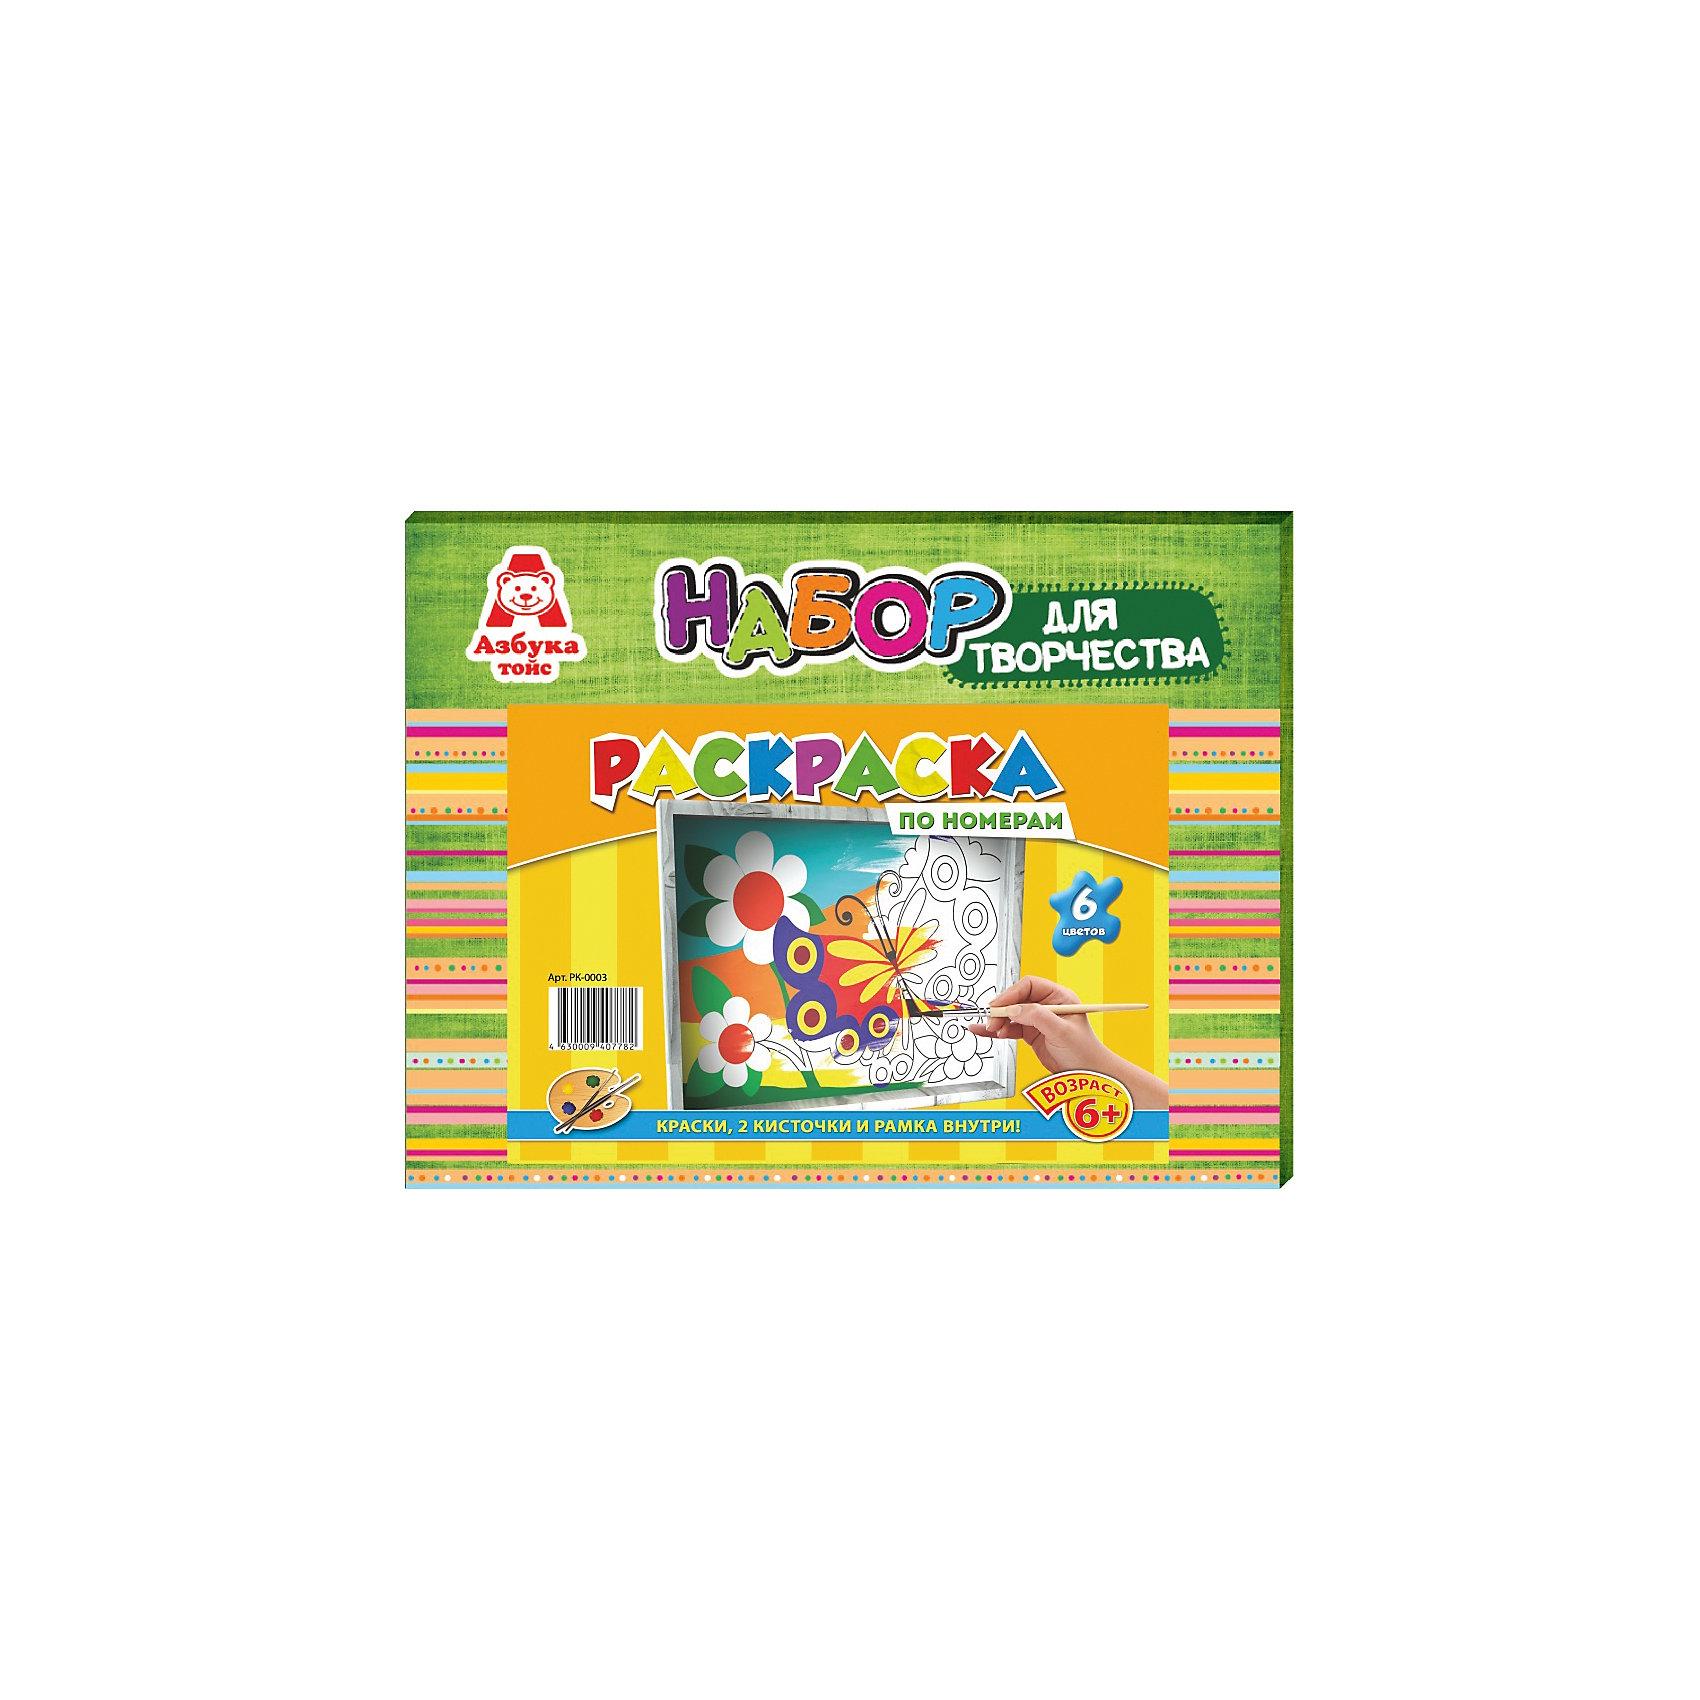 Раскраска по номерам БабочкаХарактеристики товара:<br><br>• упаковка: коробка<br>• материал: картон, акрил<br>• возраст: 6+<br>• масса: 200 г<br>• габариты: 30х270х210 мм<br>• комплектация: основа с нанесенным контуром, акриловые краски 6 цв., 2 кисточки, палитра для смешивания, картонная рамка и инструкция<br>• страна бренда: РФ<br>• страна изготовитель: РФ<br><br>Раскрашивание картинок – всеми любимый увлекательный процесс. Отличительной особенностью набора является то, что картинка разделена на зоны с нумерацией. Каждый номер – один цвет, соответствующий цвету в наборе красок. В итоге получается красивая картина. Это поможет ребенку поверить в свои силы и развить творческие способности.<br>Набор станет отличным подарком ребенку, так как он сможет сам сделать красивую вещь для себя или в качестве подарка близким! Материалы, использованные при изготовлении товара, сертифицированы и отвечают всем международным требованиям по качеству. <br><br>Раскраску по номерам Бабочка от бренда Азбука Тойс можно приобрести в нашем интернет-магазине.<br><br>Ширина мм: 270<br>Глубина мм: 30<br>Высота мм: 210<br>Вес г: 200<br>Возраст от месяцев: 72<br>Возраст до месяцев: 120<br>Пол: Женский<br>Возраст: Детский<br>SKU: 5062867